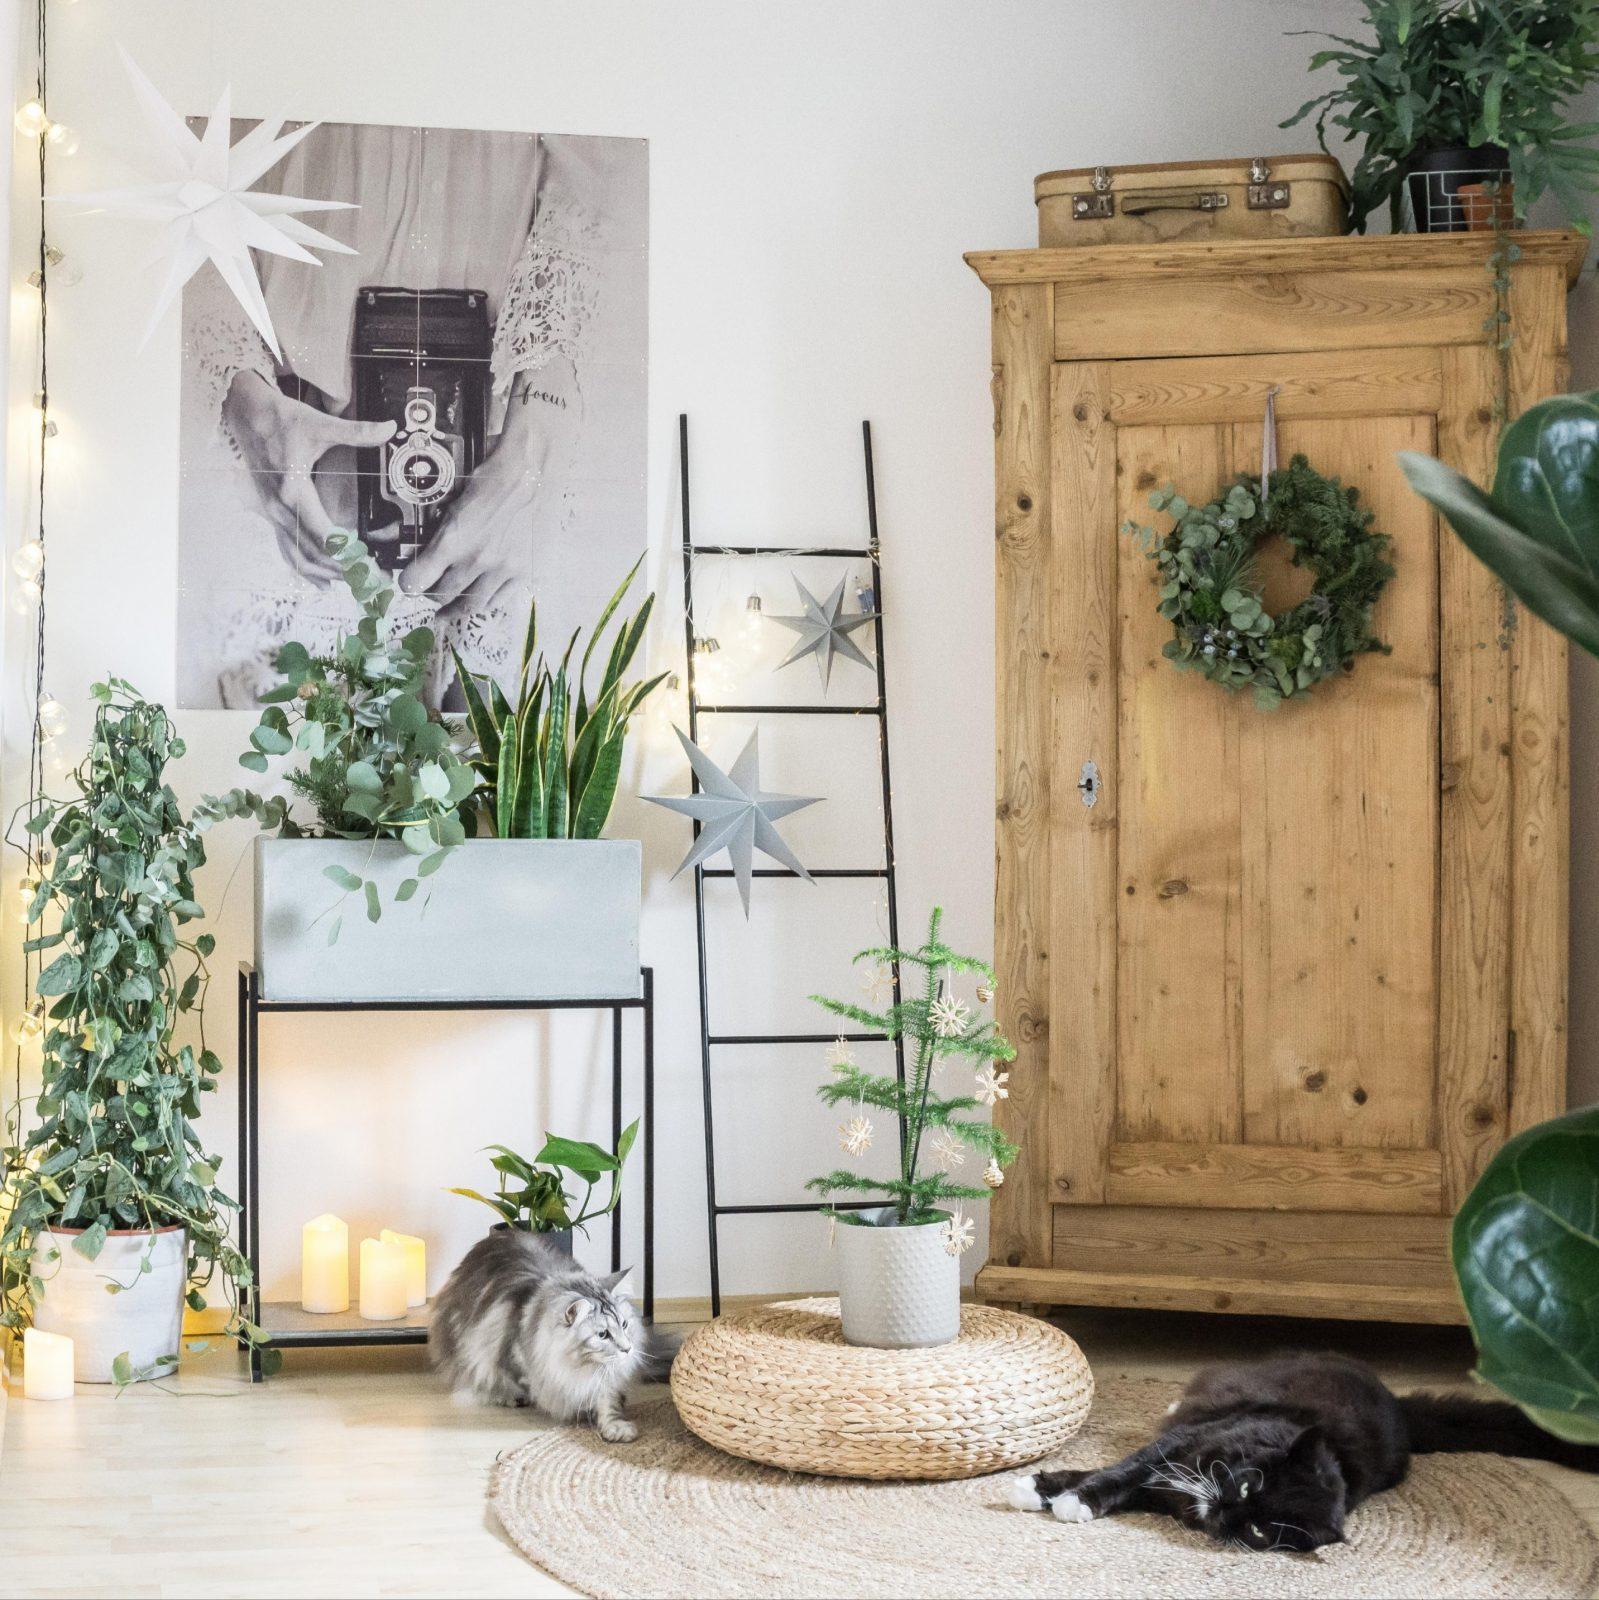 Wohnzimmerdekoideen Mach Es Dir Gemütlich von Dekoration Wohnzimmer Ideen Photo